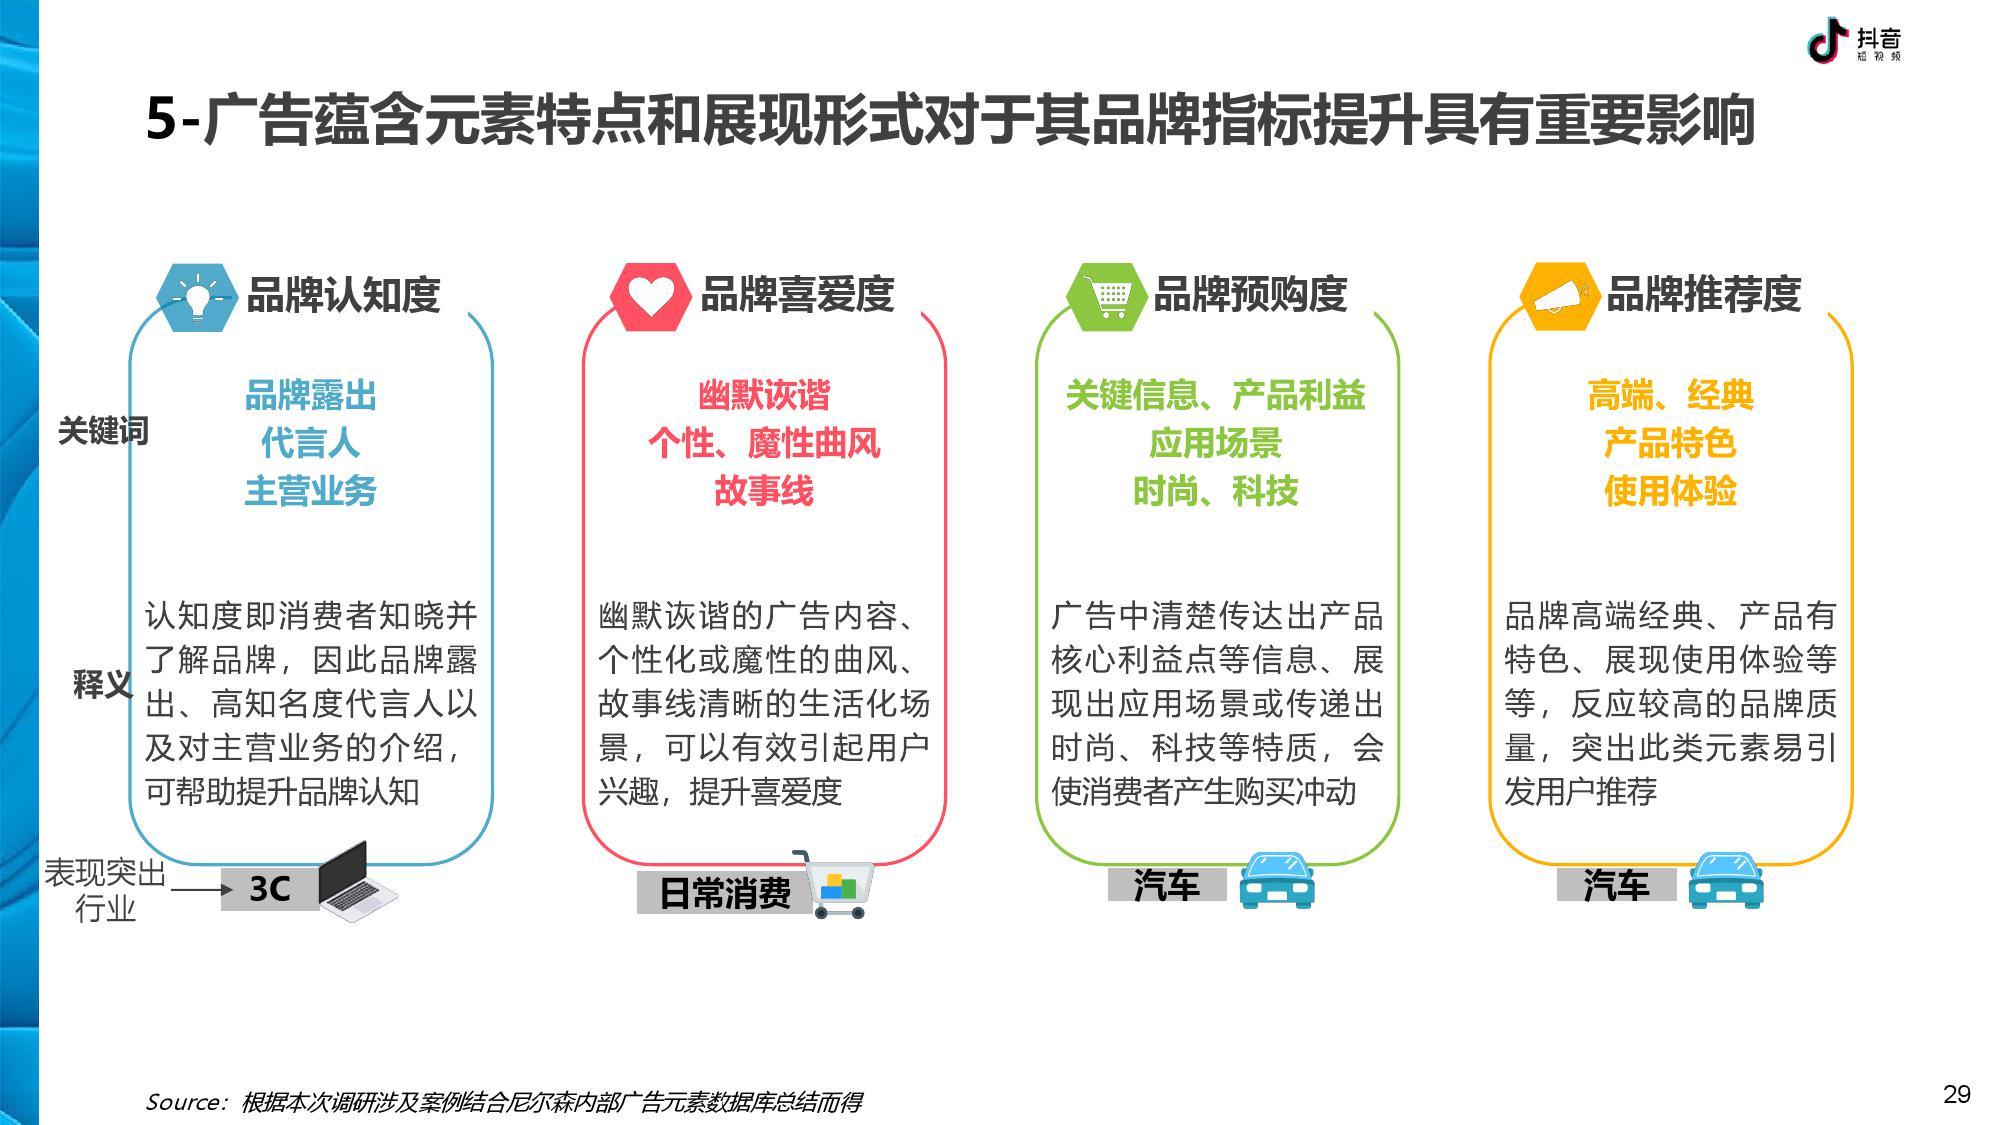 抖音 DTV 广告营销价值白皮书-CNMOAD 中文移动营销资讯 29